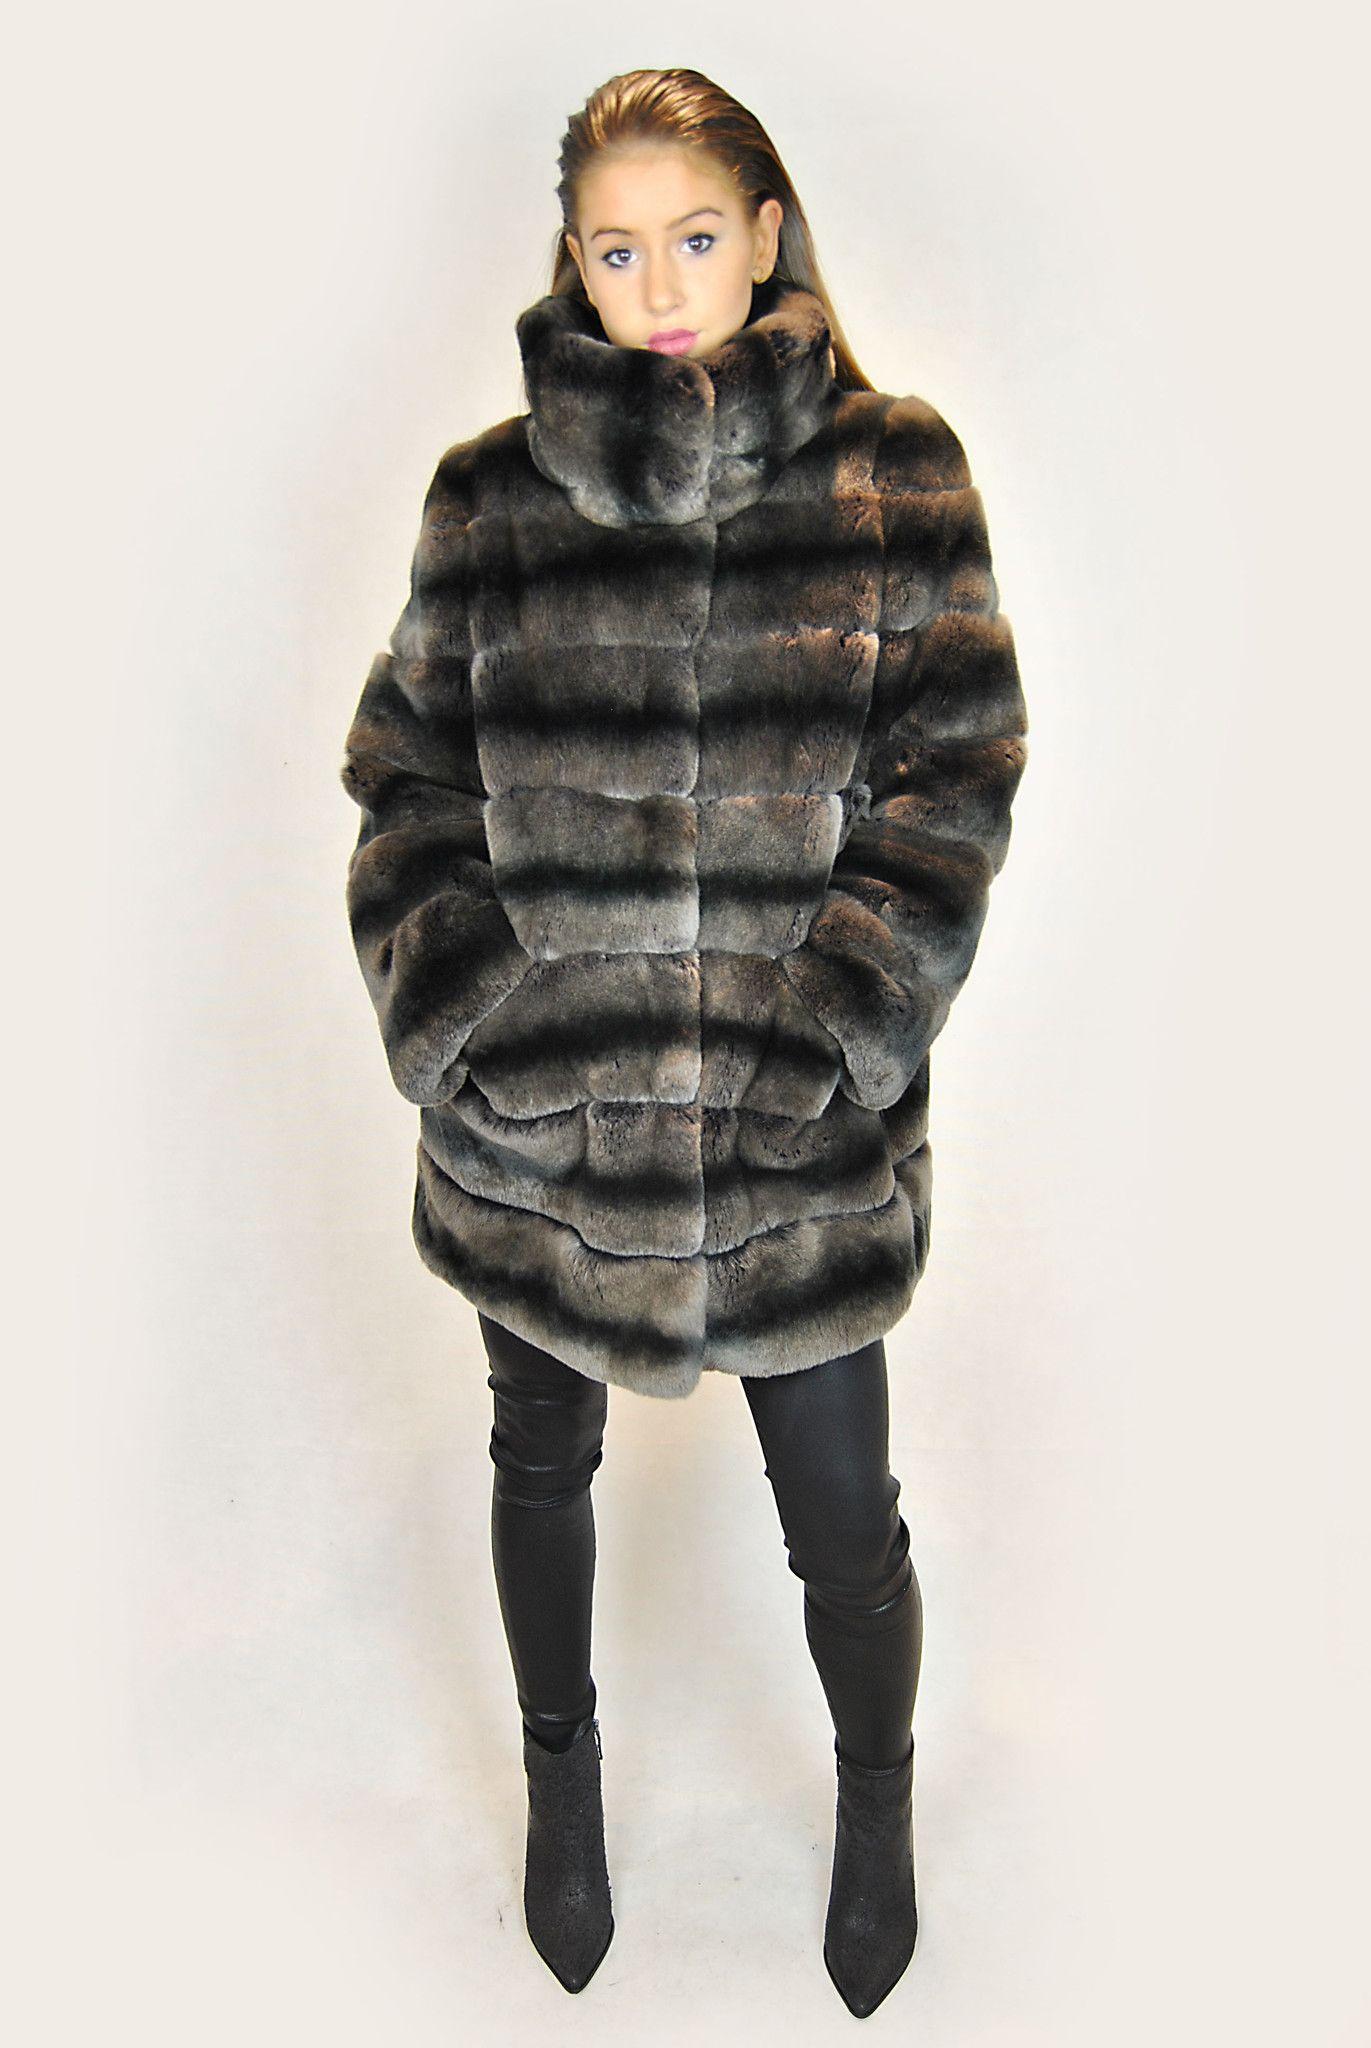 e79dd5728707 JESSIMARA BLACK/BROWN REX RABBIT FUR COAT | Rex rabbit fur coats ...